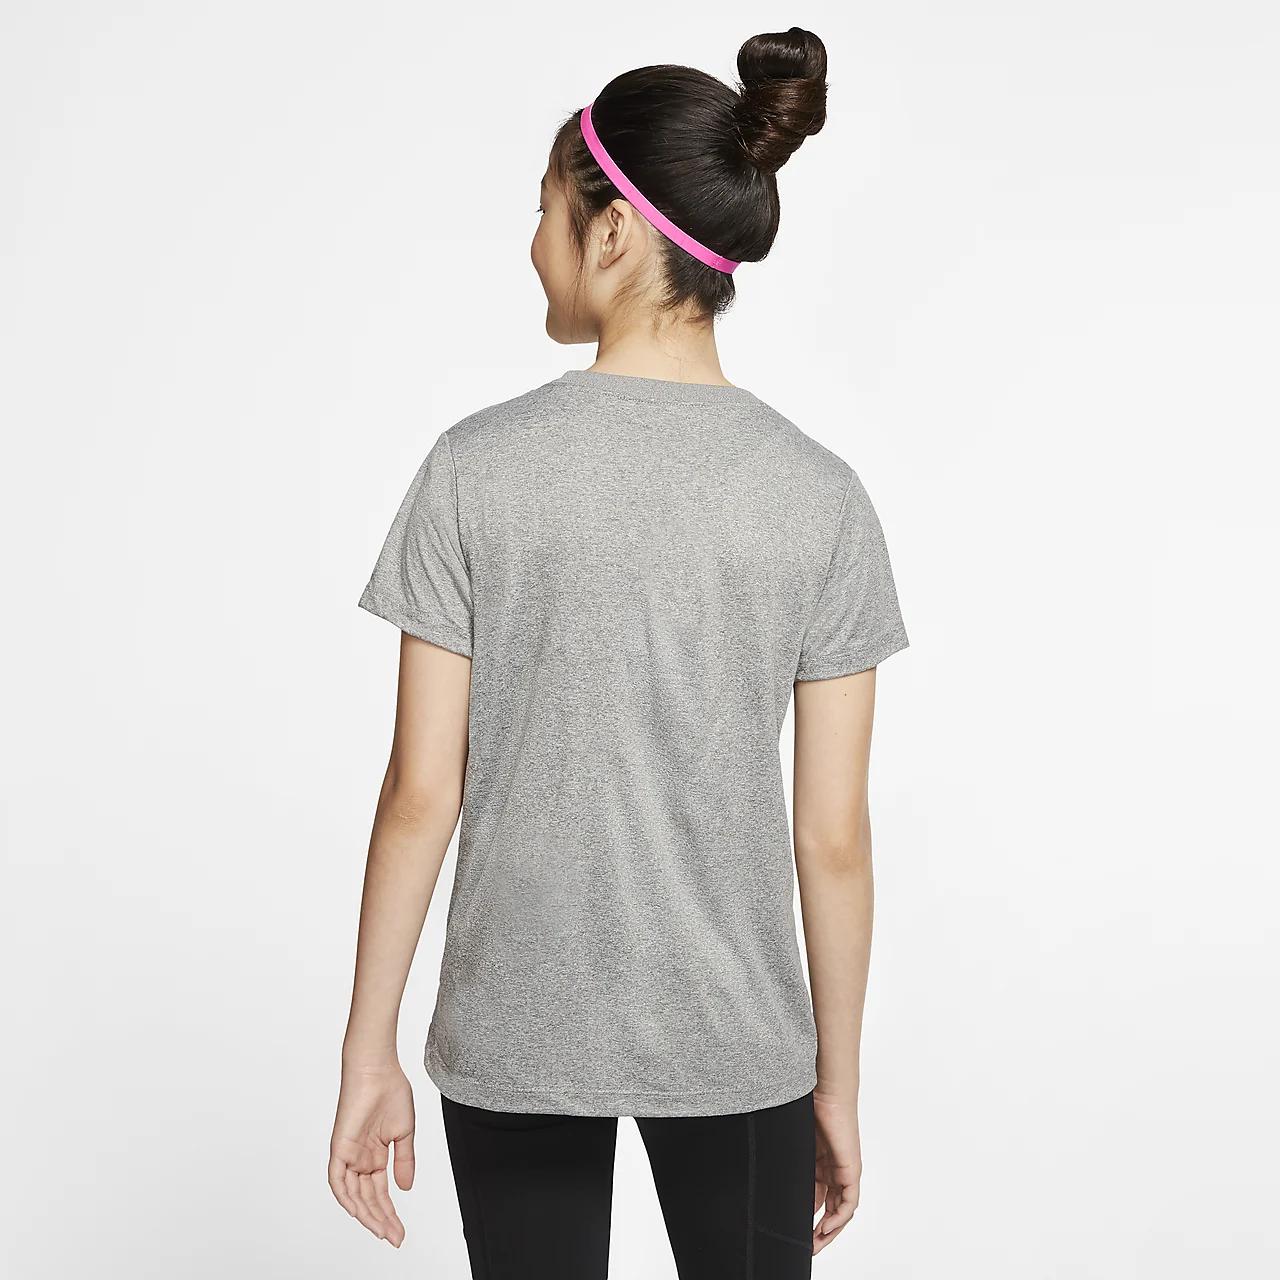 나이키 드라이핏 GS 스우시 트레이닝 티셔츠 AR5039-092